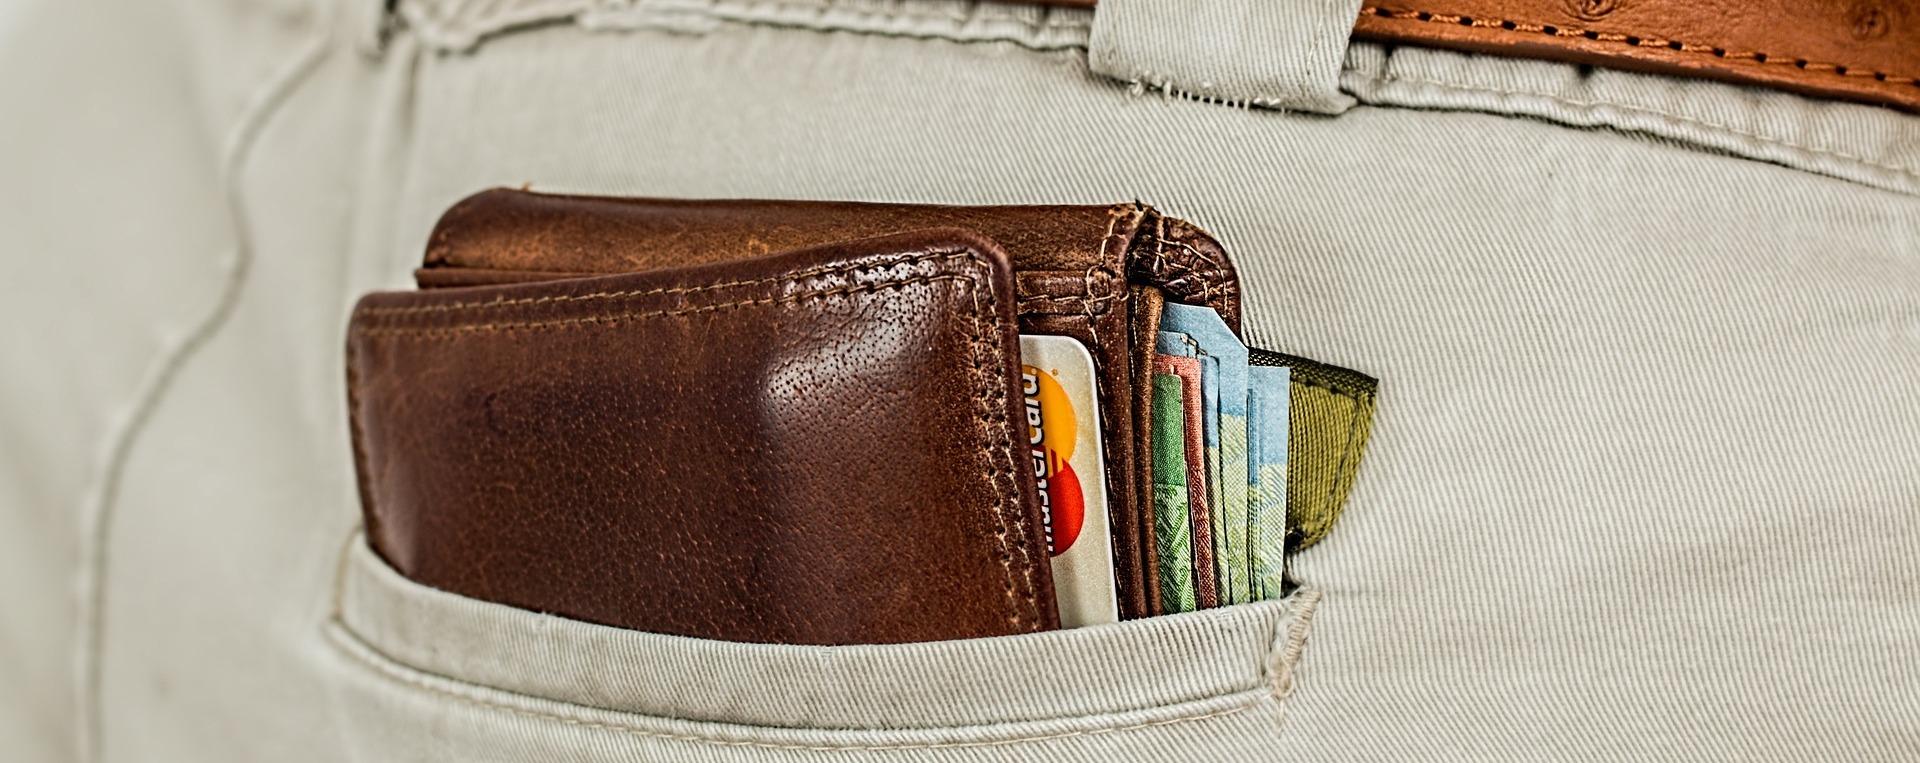 Huis Snel Verkopen bij Financiële Problemen